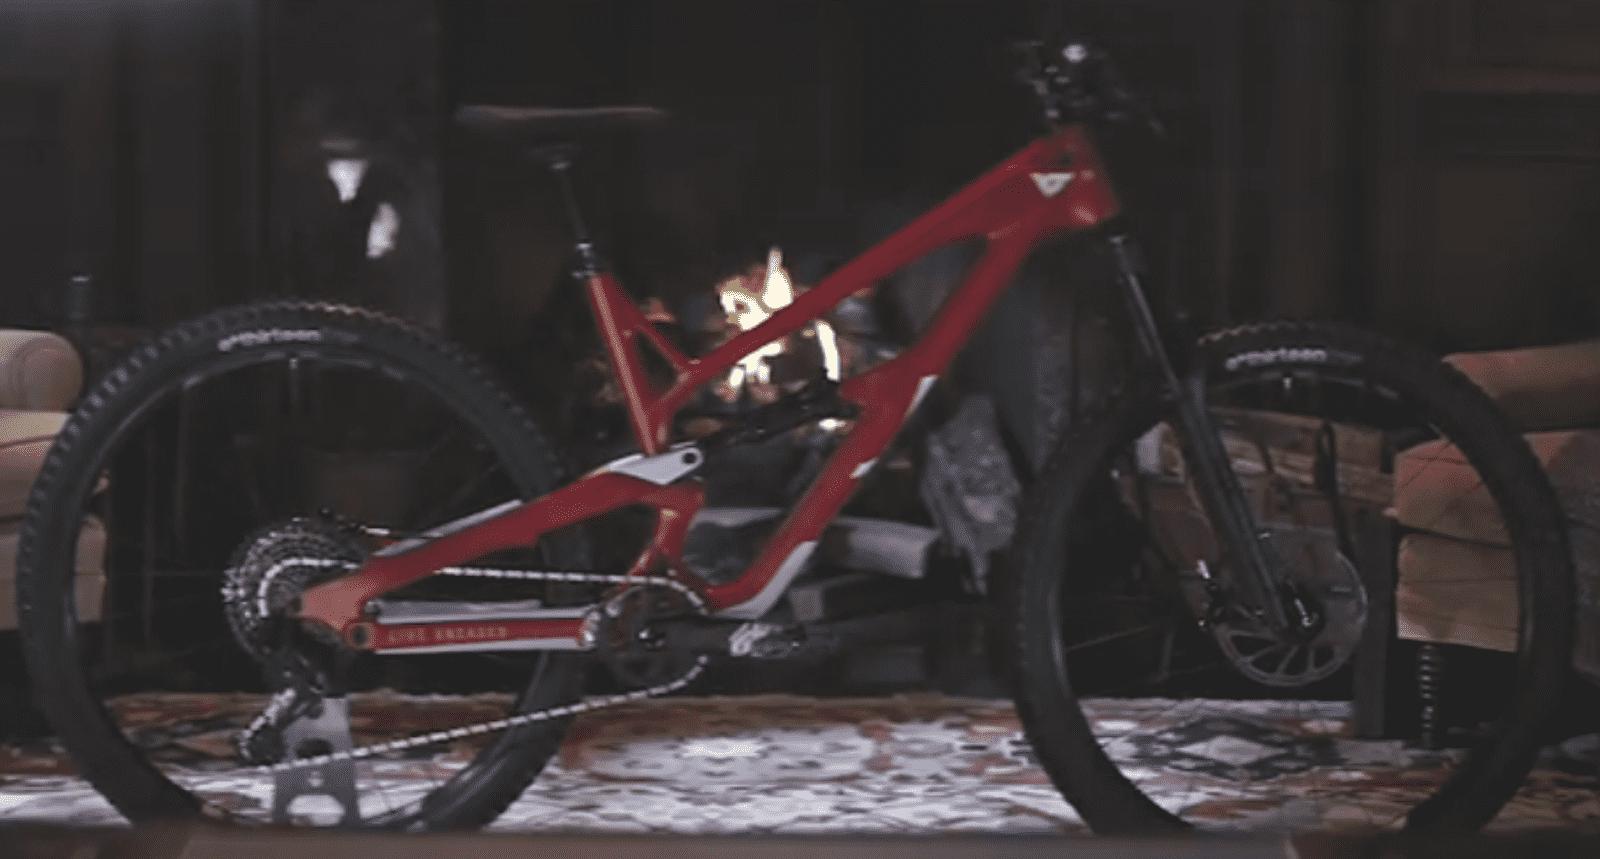 Cykel_3.png